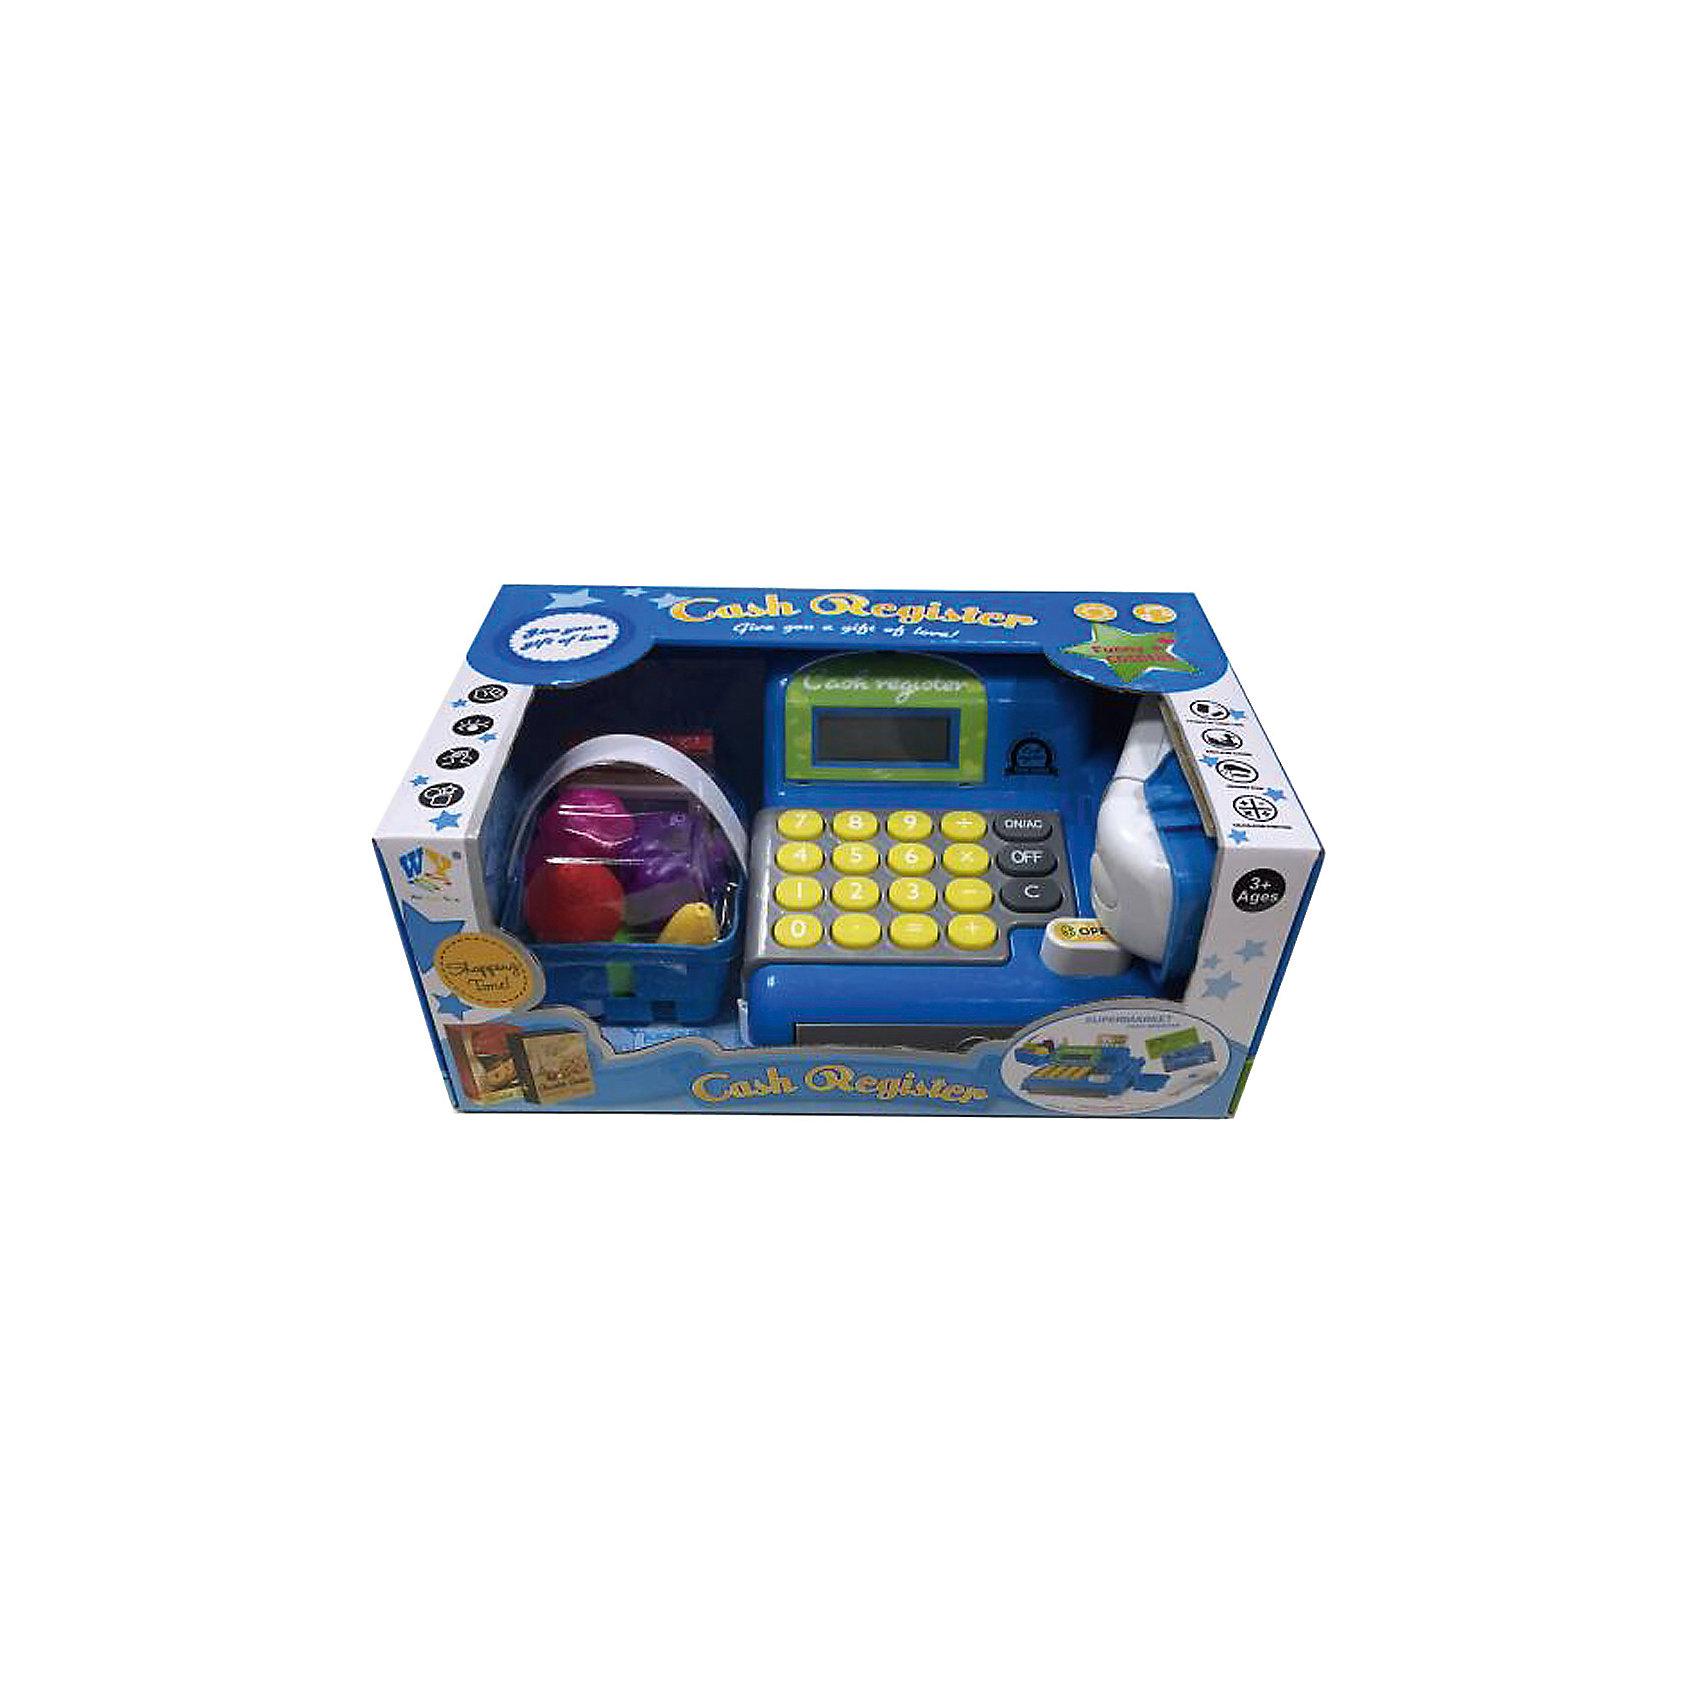 Касса Shantou Gepai с набором продуктов и аксессуарами, синяя, со свукомДетский супермаркет<br>Характеристики:<br><br>• в комплекте: касса, корзина с продуктами;<br>• звуковые эффекты;<br>• материал: пластик;<br>• возраст: от 3-х лет;<br>• размер упаковки: 13,5х19х30 см;<br>• вес: 917 грамм;<br>• страна: Китай.<br><br>Игровая касса отлично подойдет для сюжетно-ролевых игр.  С ней ребенок сможет почувствовать себя настоящим продавцом, ведь в комплекте есть всё самое необходимое.<br><br>В комплект входит корзина с продуктами. Ребёнок сможет разложить товар, выбрать необходимое, а затем посчитать стоимость покупок на кассе. Звуковые эффекты придадут игре реалистичности.<br><br>Для работы необходимы батарейки (не входят в комплект).<br><br>Кассу с набором продуктов и аксессуарами, синяя, со звуком, Shantou Gepai (Шанту Гепай) можно купить в нашем интернет-магазине.<br><br>Ширина мм: 300<br>Глубина мм: 190<br>Высота мм: 135<br>Вес г: 917<br>Возраст от месяцев: 36<br>Возраст до месяцев: 2147483647<br>Пол: Унисекс<br>Возраст: Детский<br>SKU: 6846889